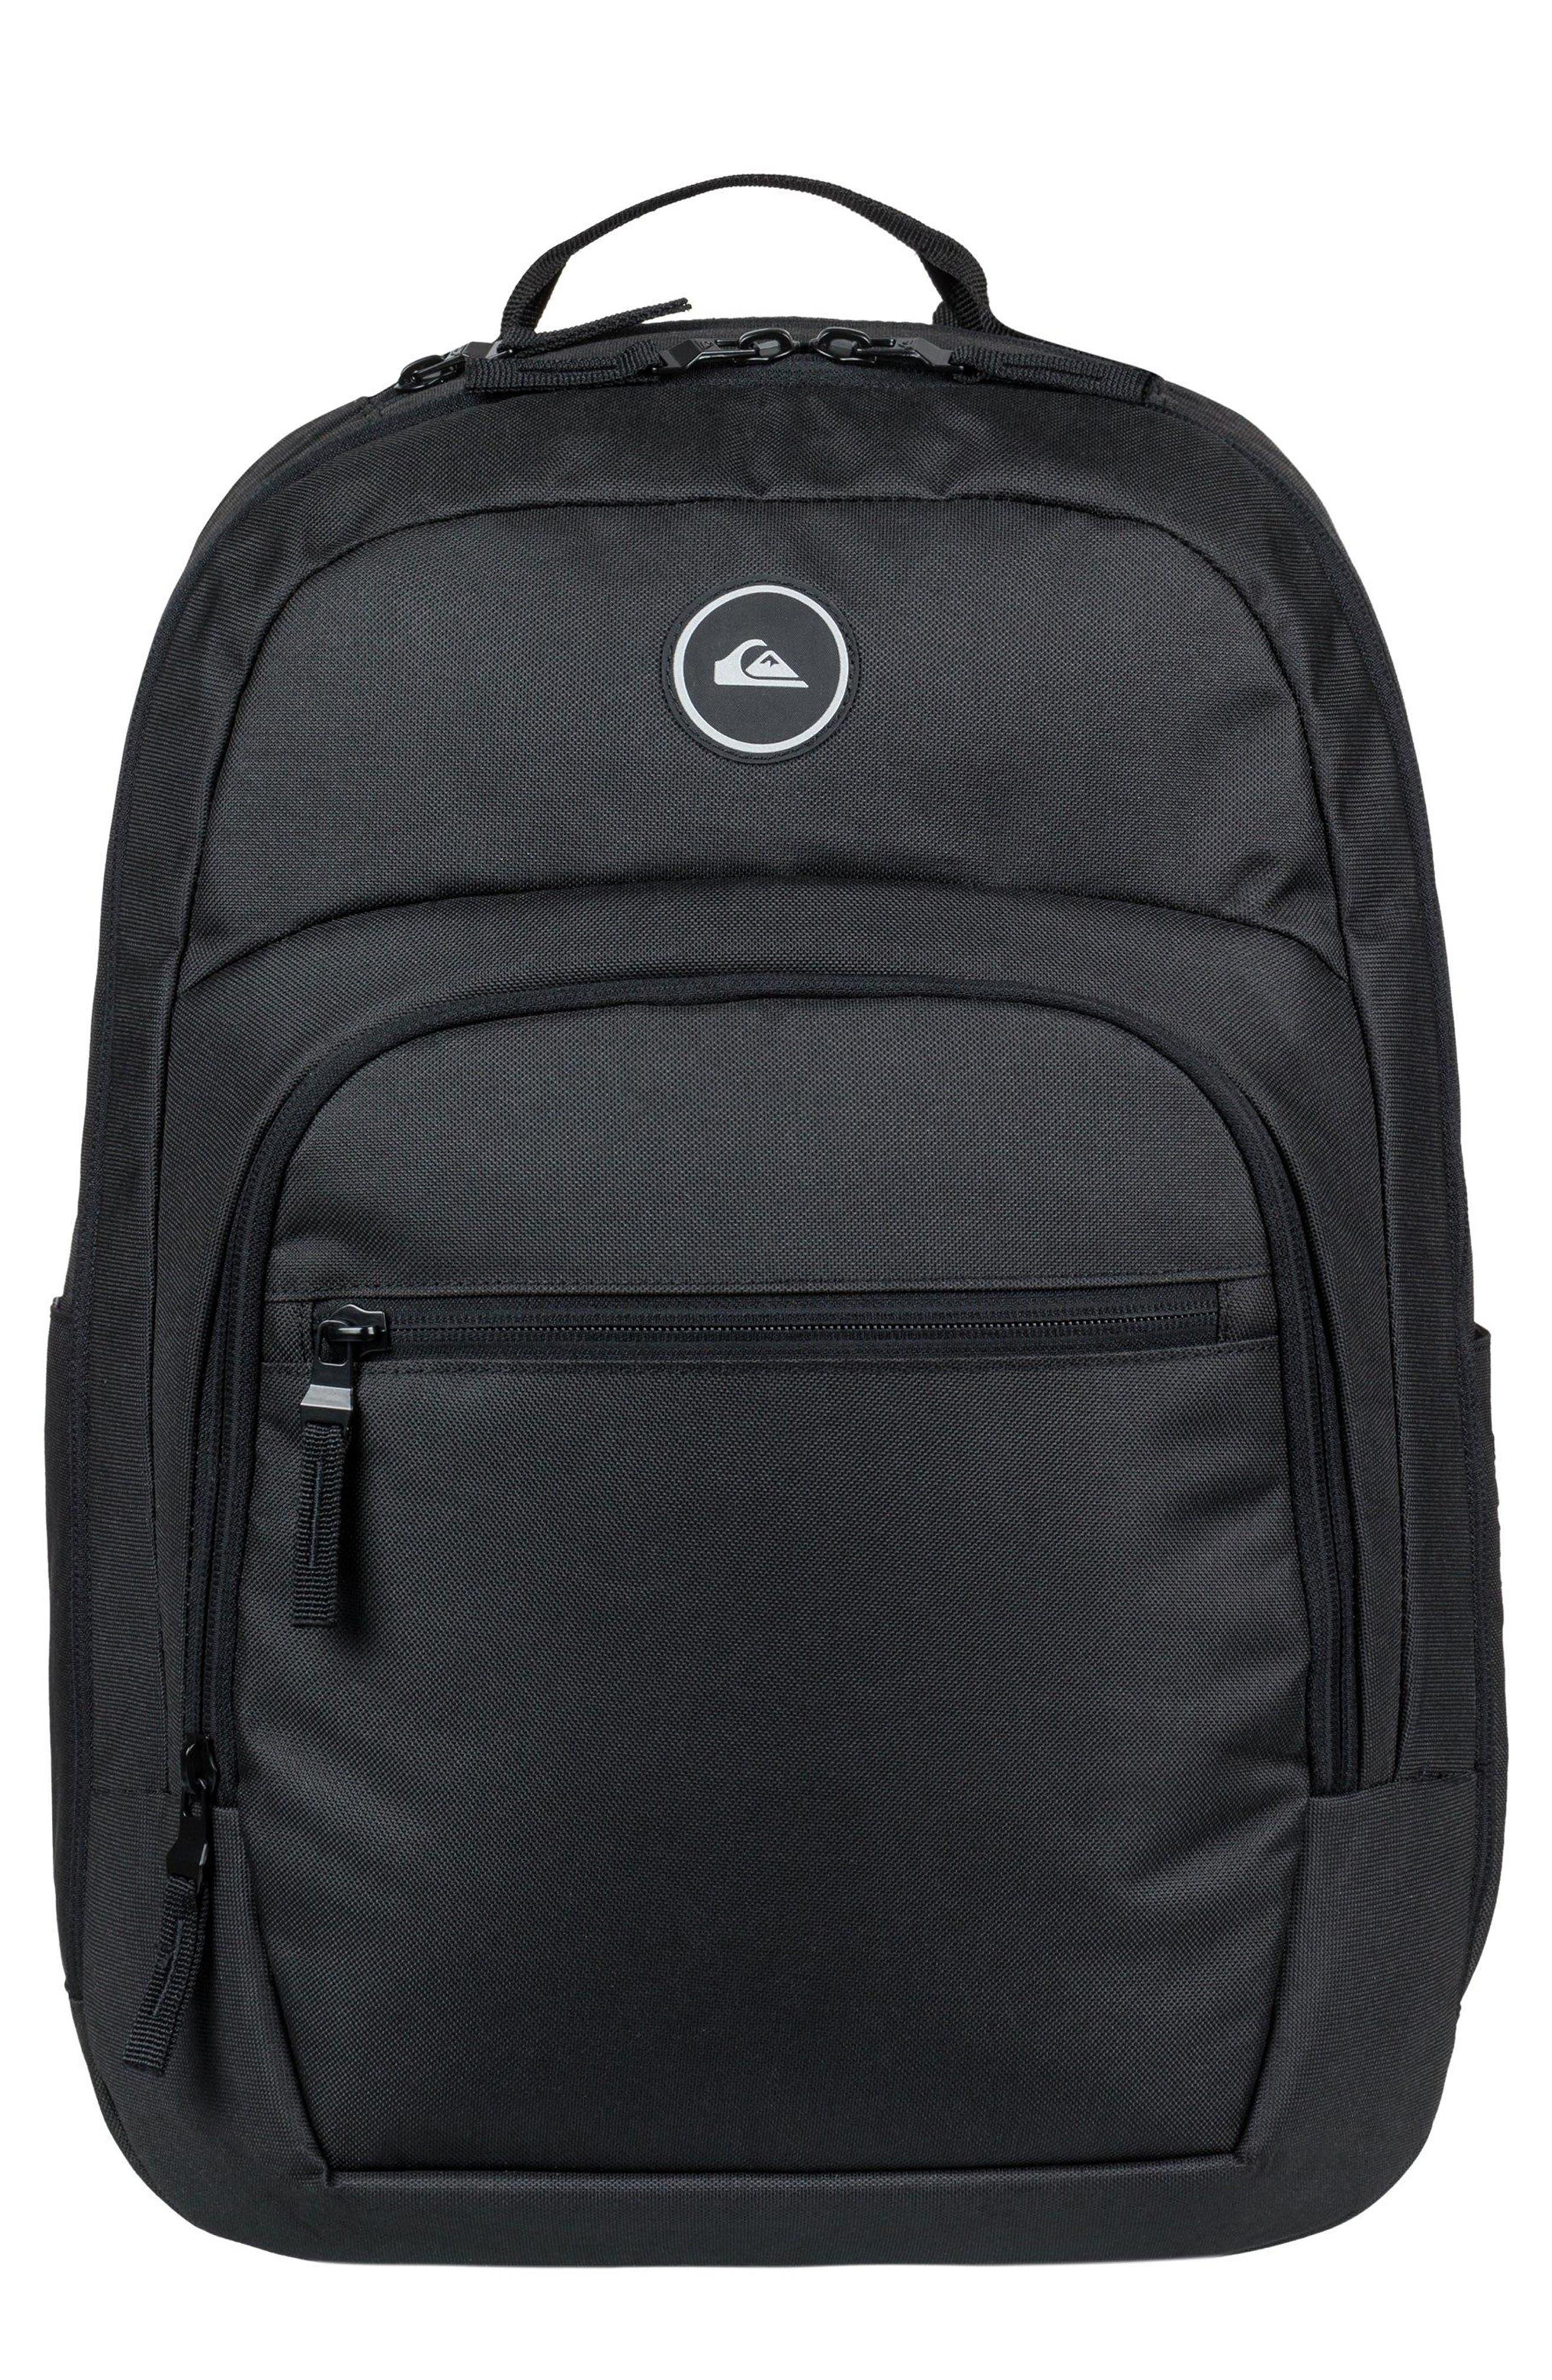 Quiksilver Schoolie Cooler Ii Backpack - Black